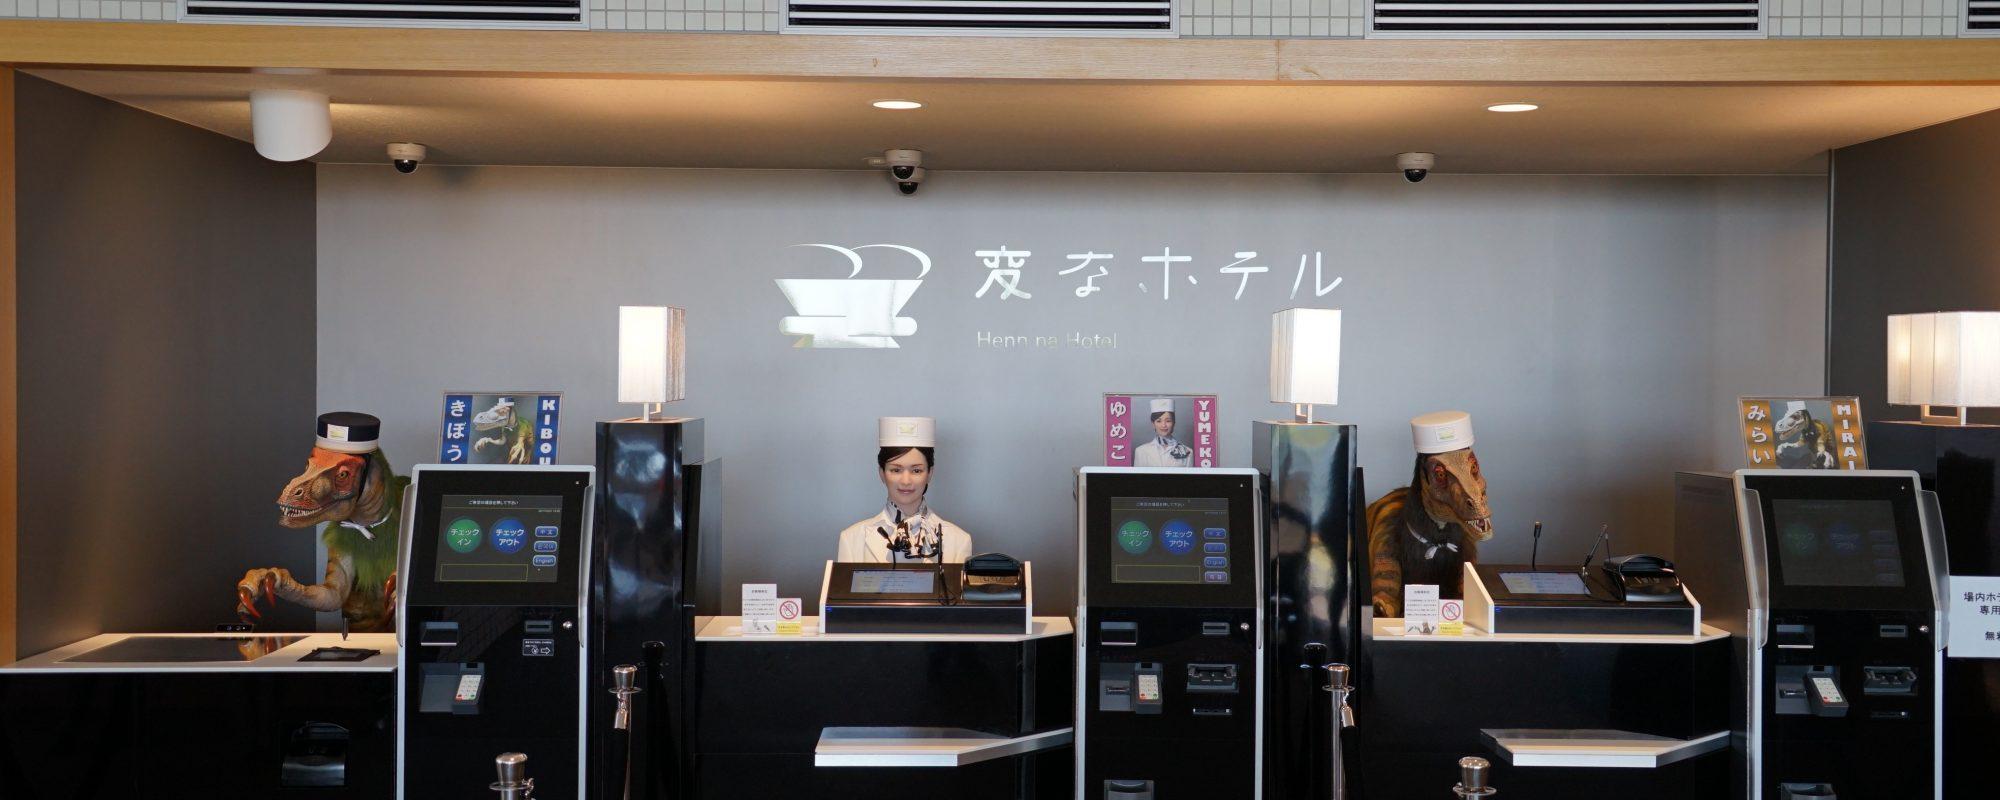 هتلی که تمام کارمندان آن ربات ها هستند